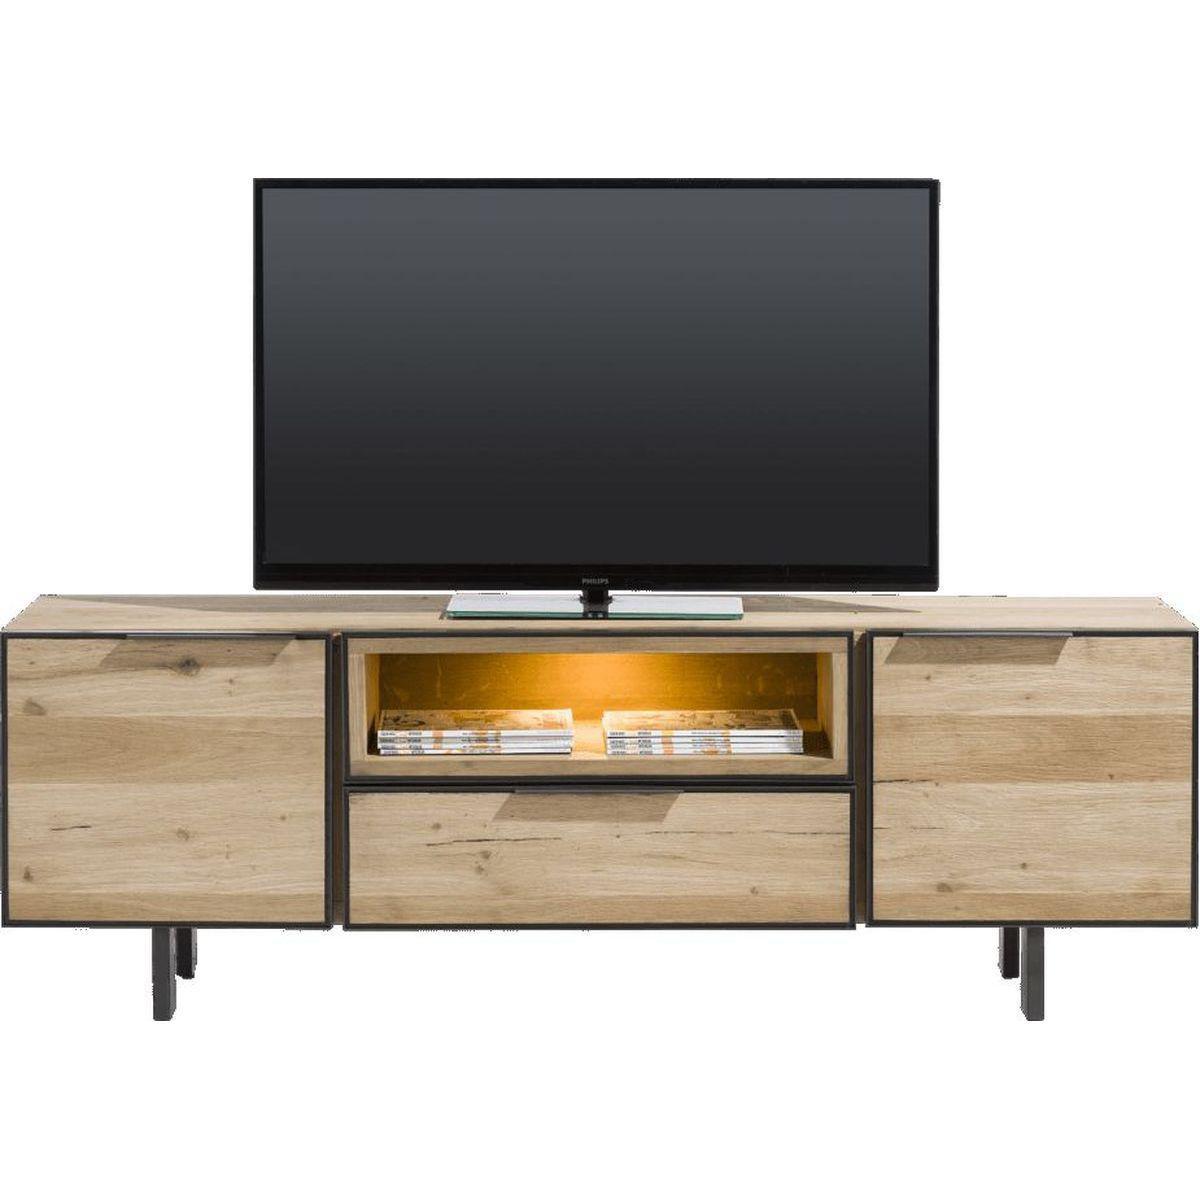 Meuble TV PEDRO Henders & Hazel 2 portes-1 niche-1 tiroir LED 180 cm